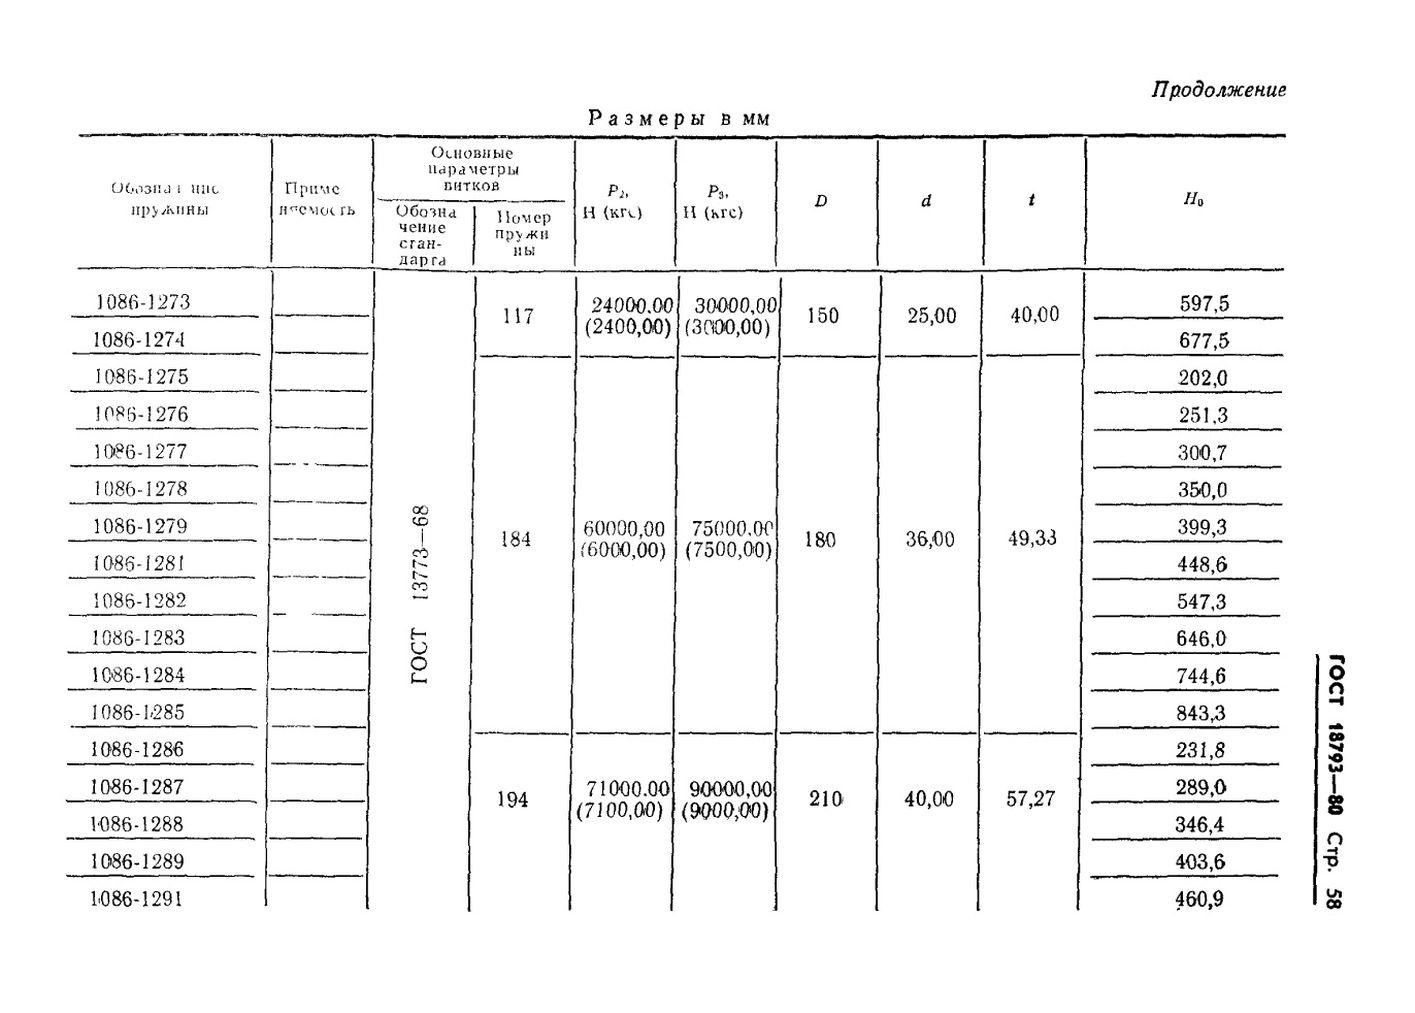 Пружины сжатия ГОСТ 18793-80 стр.58